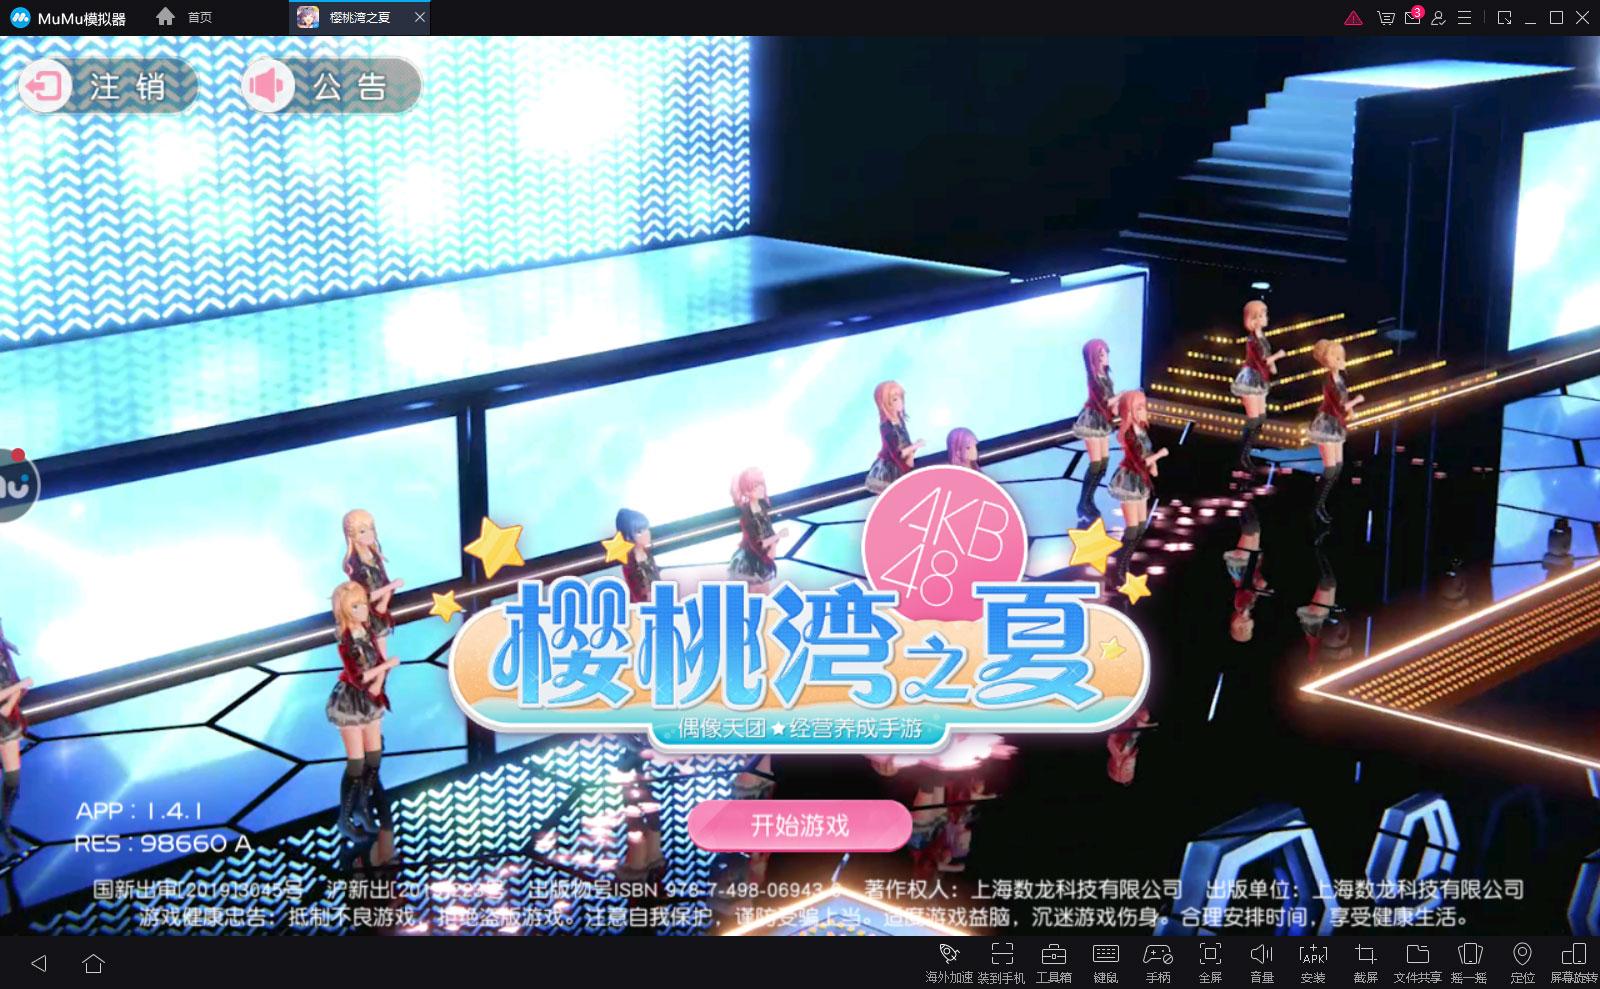 《樱桃湾之夏》公测开启 MuMu模拟器带你与AKB48大屏互动